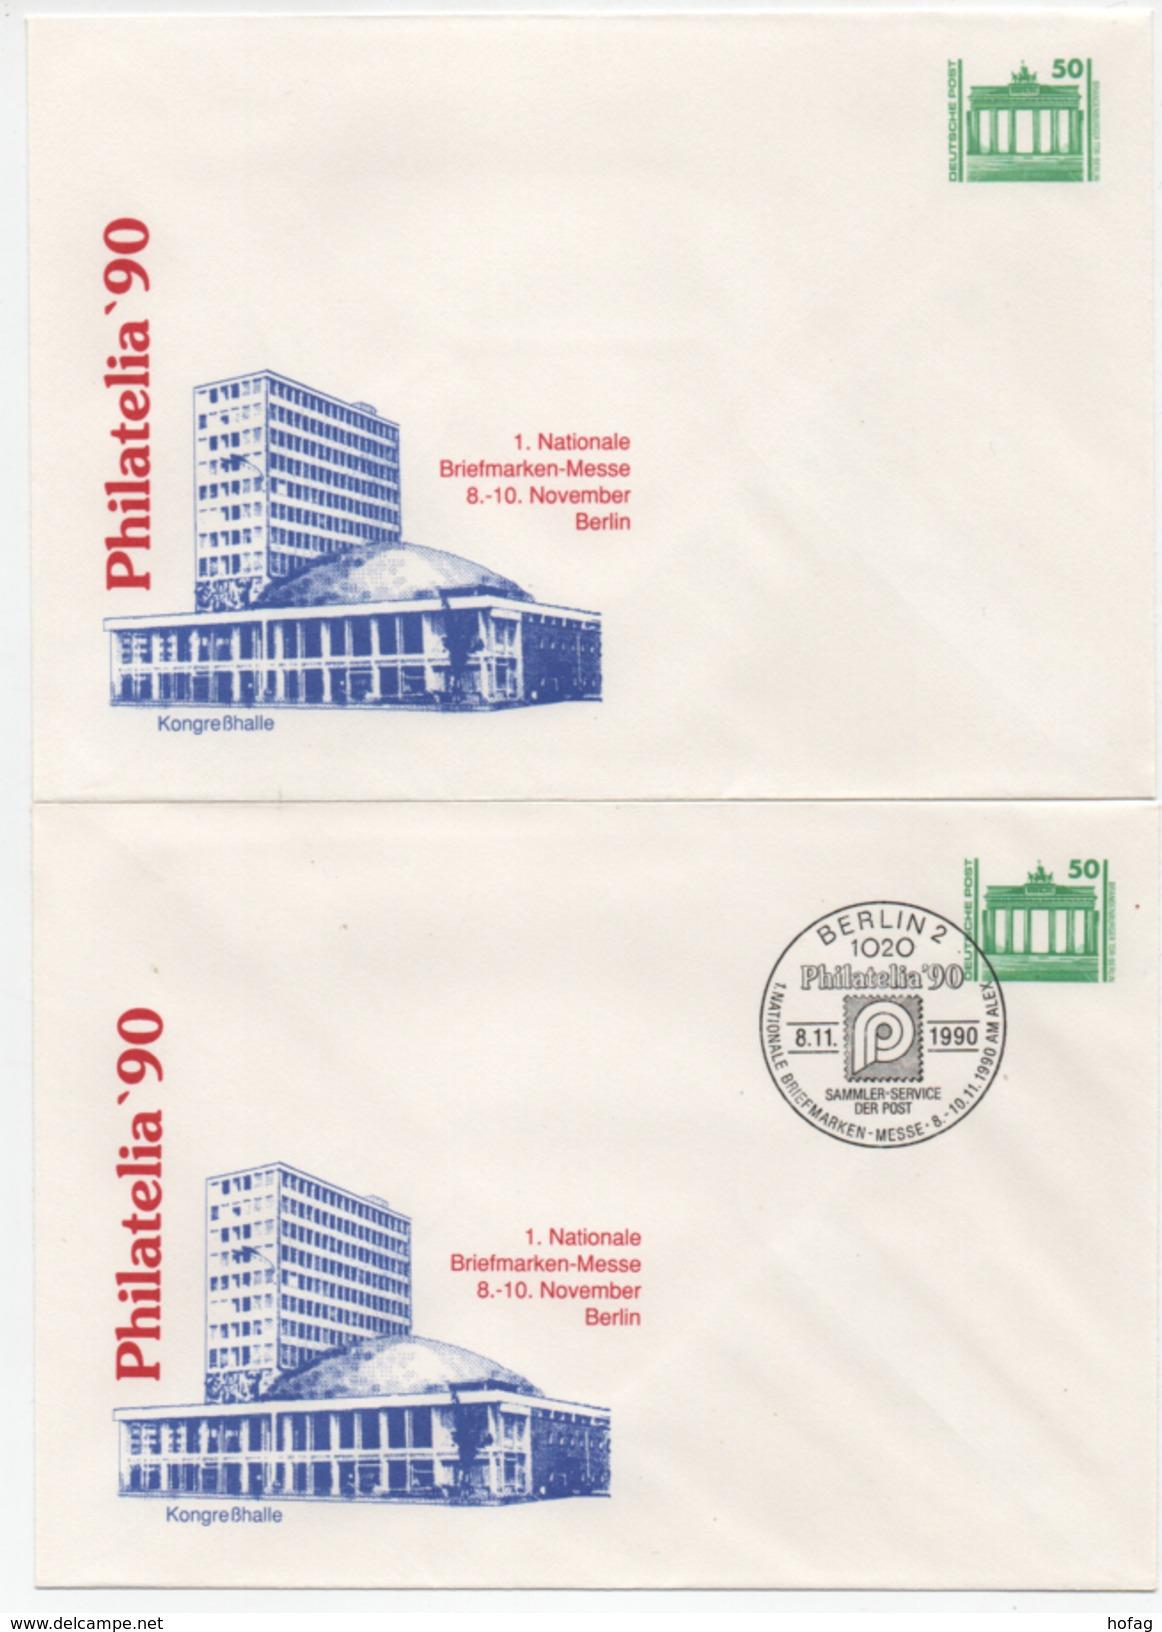 DDR Philaitelia'90 Ganzsache PU 17 Kongreßhalle Postfrisch Und Ersttagsstempel; Private Postal Stationery MNH + FDC - Buste Private - Nuovi